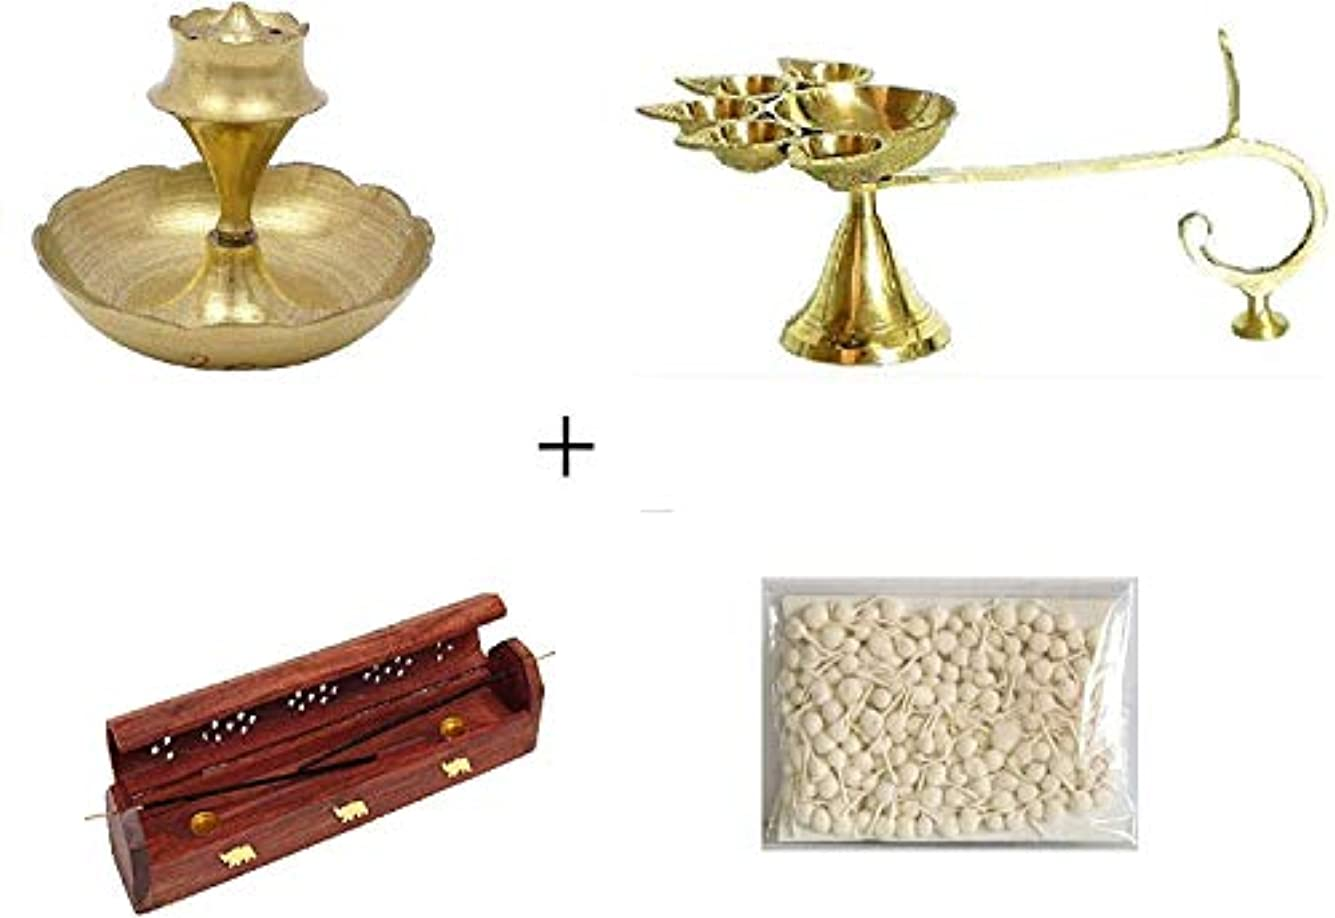 見捨てられた伝える目指すCombo of Brass Panchaarti Diya,Brass Incense Stick Holder, Wooden Incense Stick Storage With Cotton Round Wick...